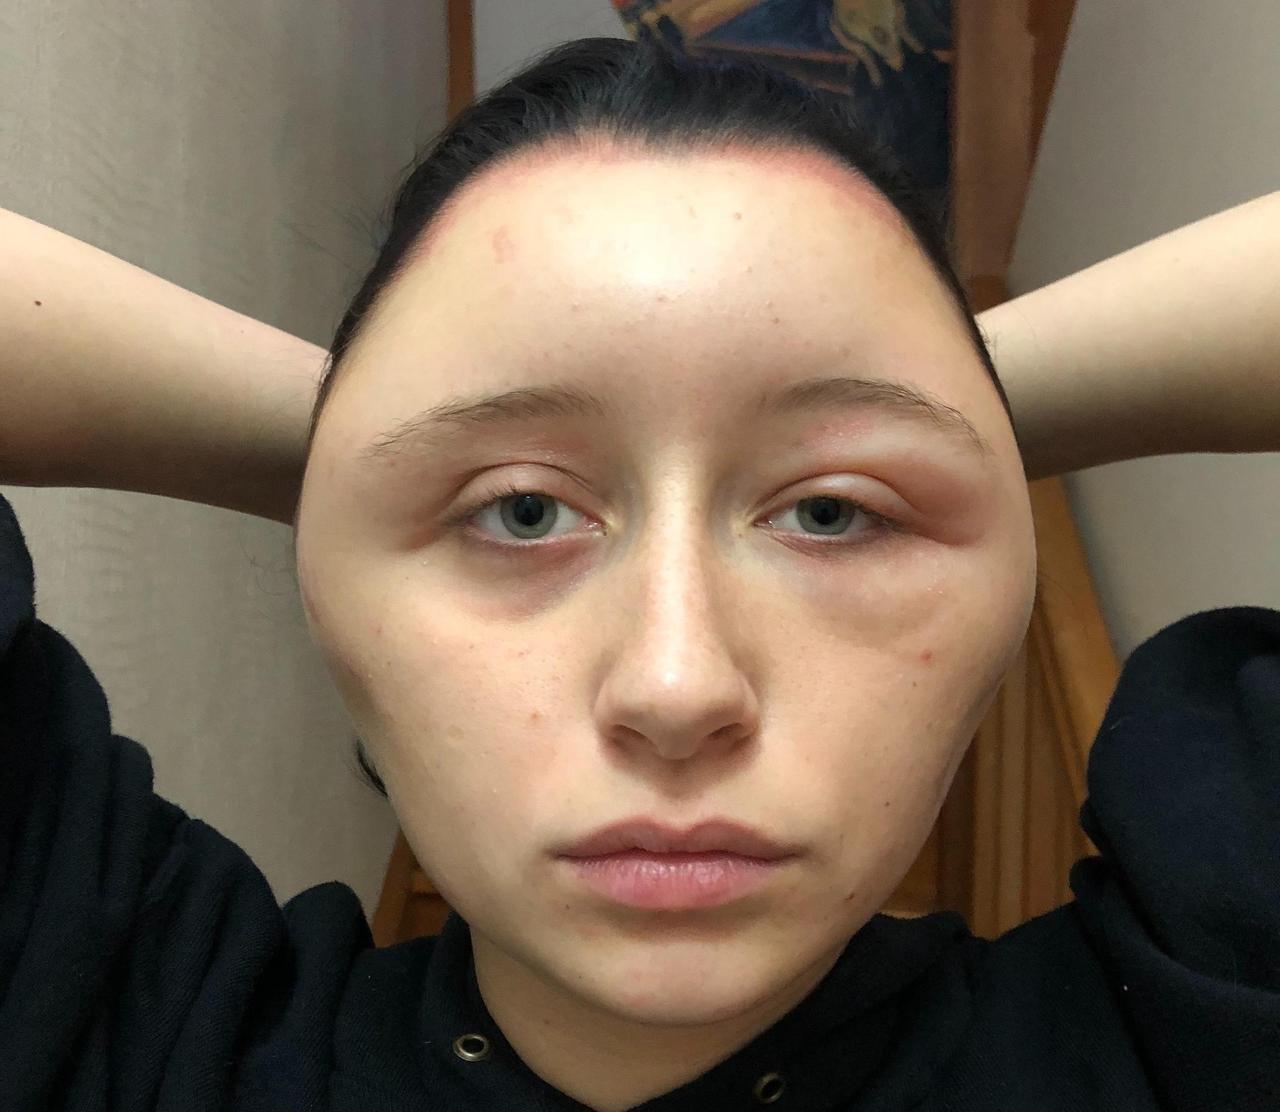 Nach dem Haarefärben schwillt ihr Kopf auf die doppelte Größe – jetzt warnt die Frau vor der